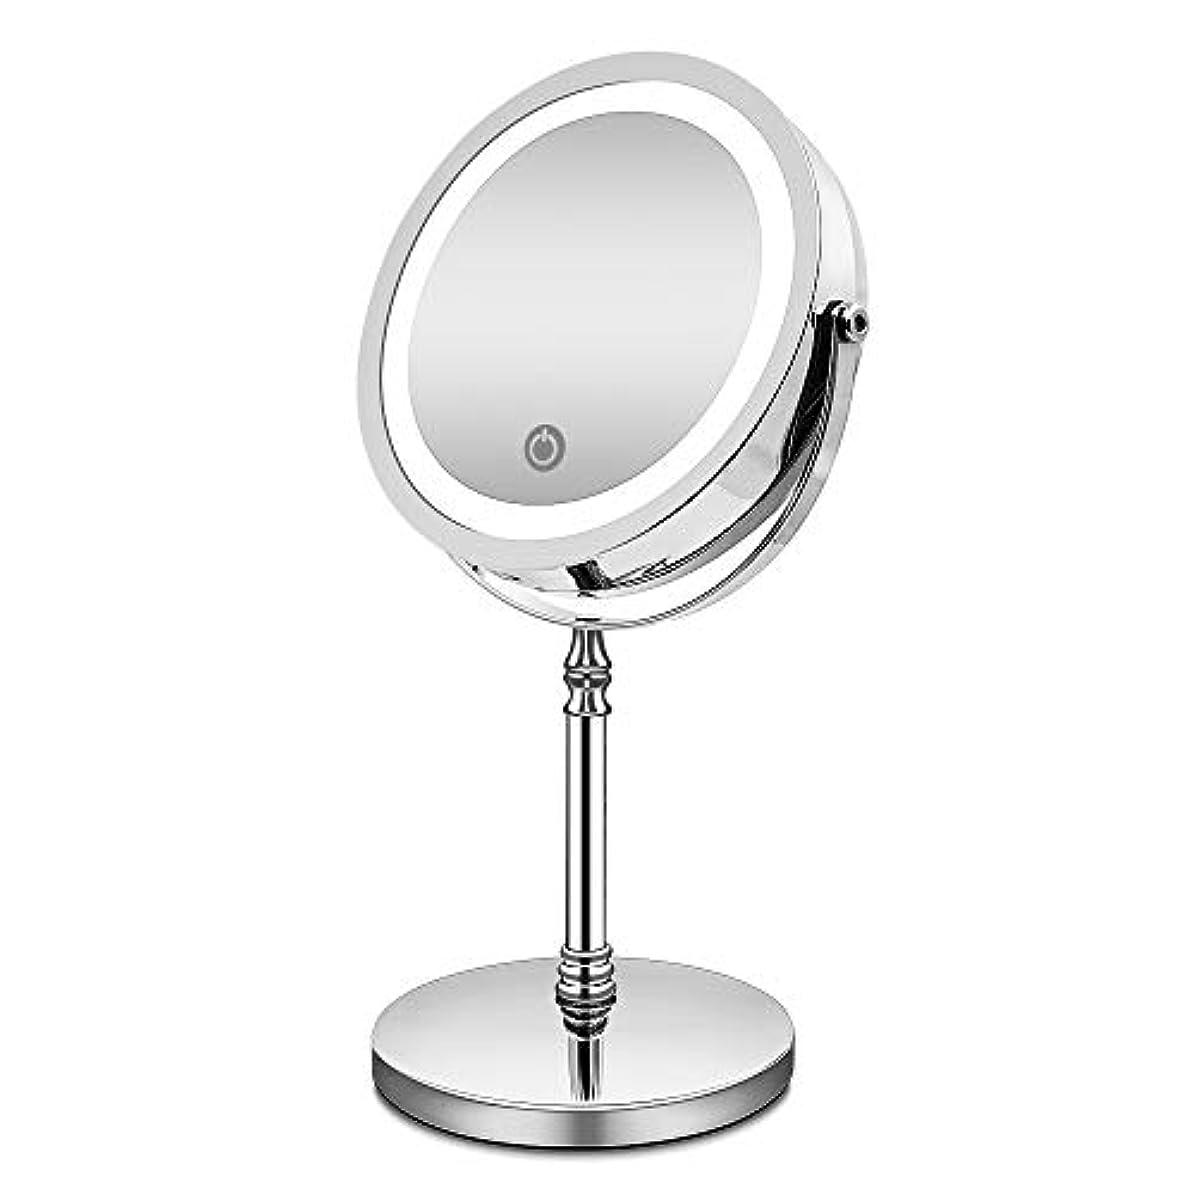 ブラウズ反対した補うAMZTOLIFE 化粧鏡 10倍 拡大鏡 付き led ミラー LED 両面 鏡 卓上 スタンドミラー メイク 3 WAY給電 曇らないミラー 360度回転 北欧風 電池&USB 日本語取扱説明書付き (改良版)